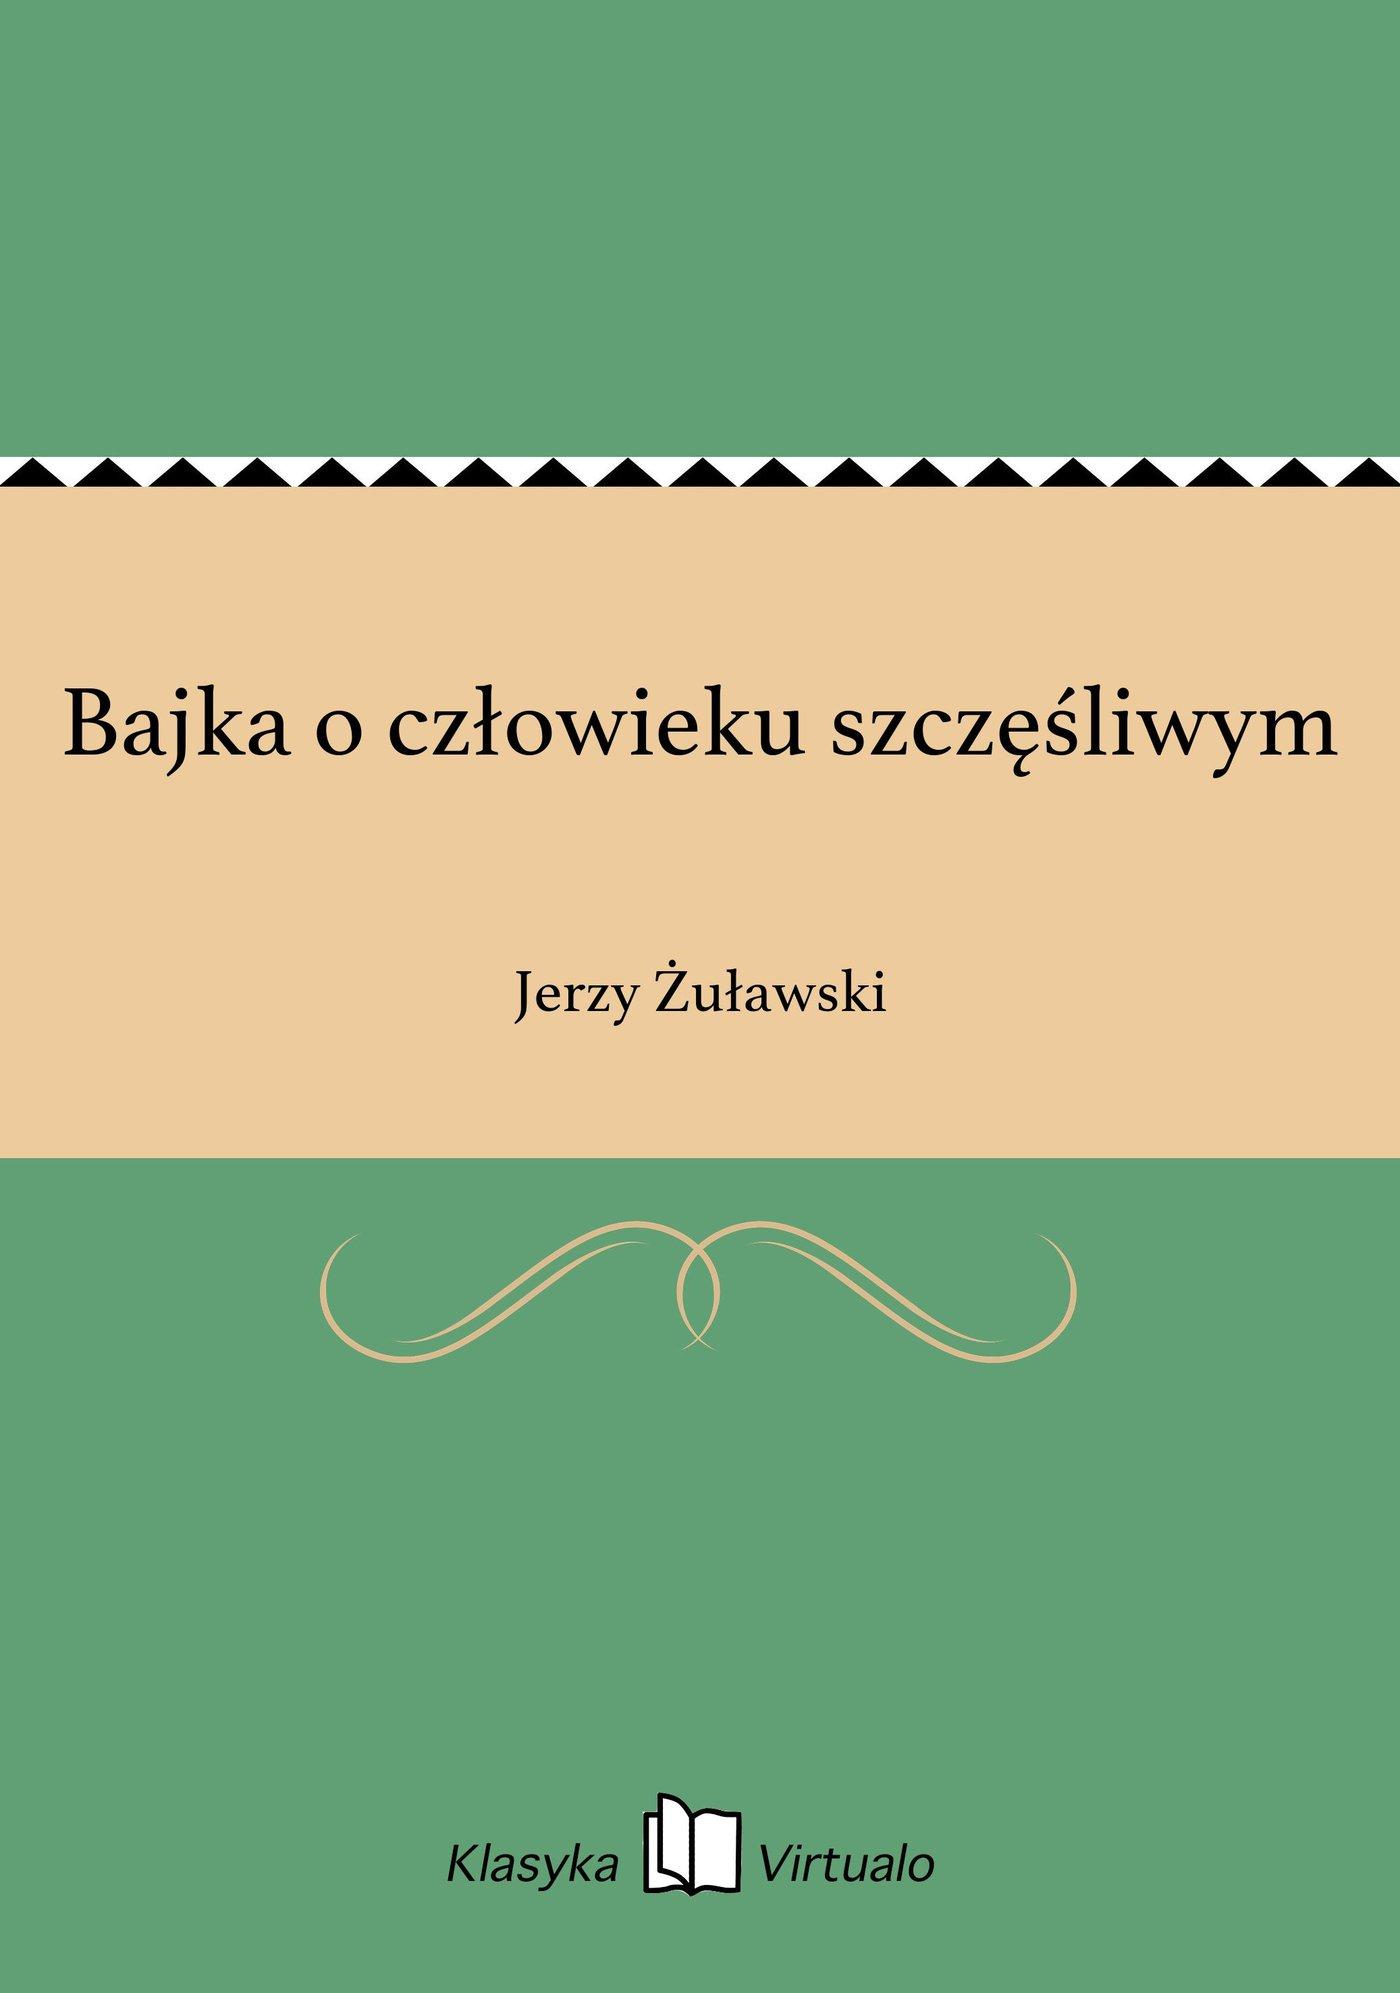 Bajka o człowieku szczęśliwym - Ebook (Książka na Kindle) do pobrania w formacie MOBI